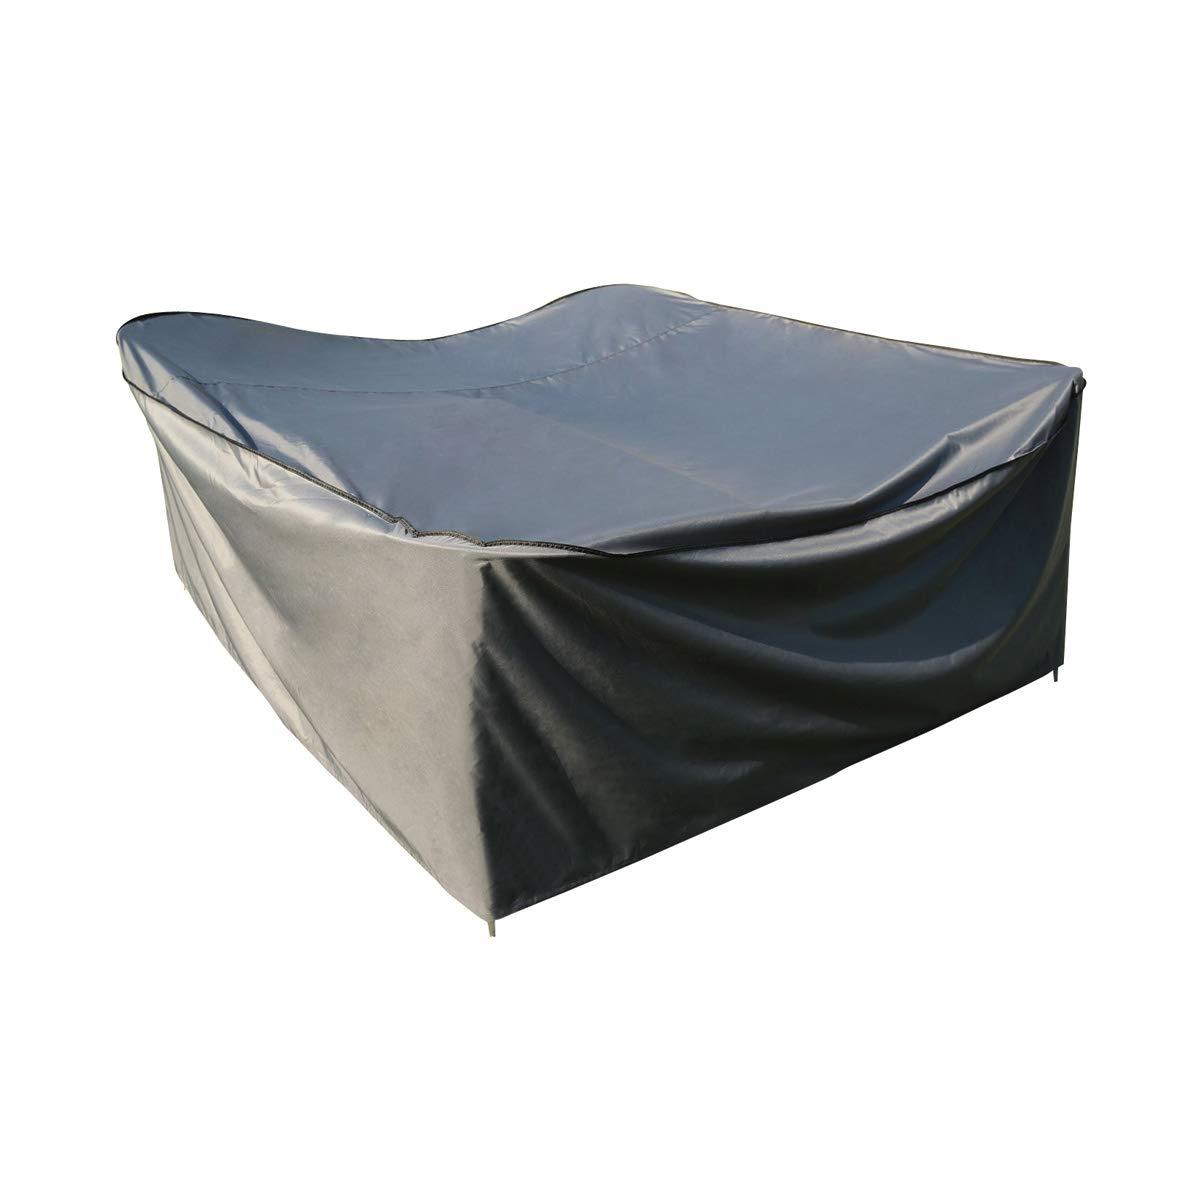 180/x 180/x 90/cm | Impermeabile Sorara Poliestere. Grigio Copertura Protettiva per Tavolo Quadrato L x W x H